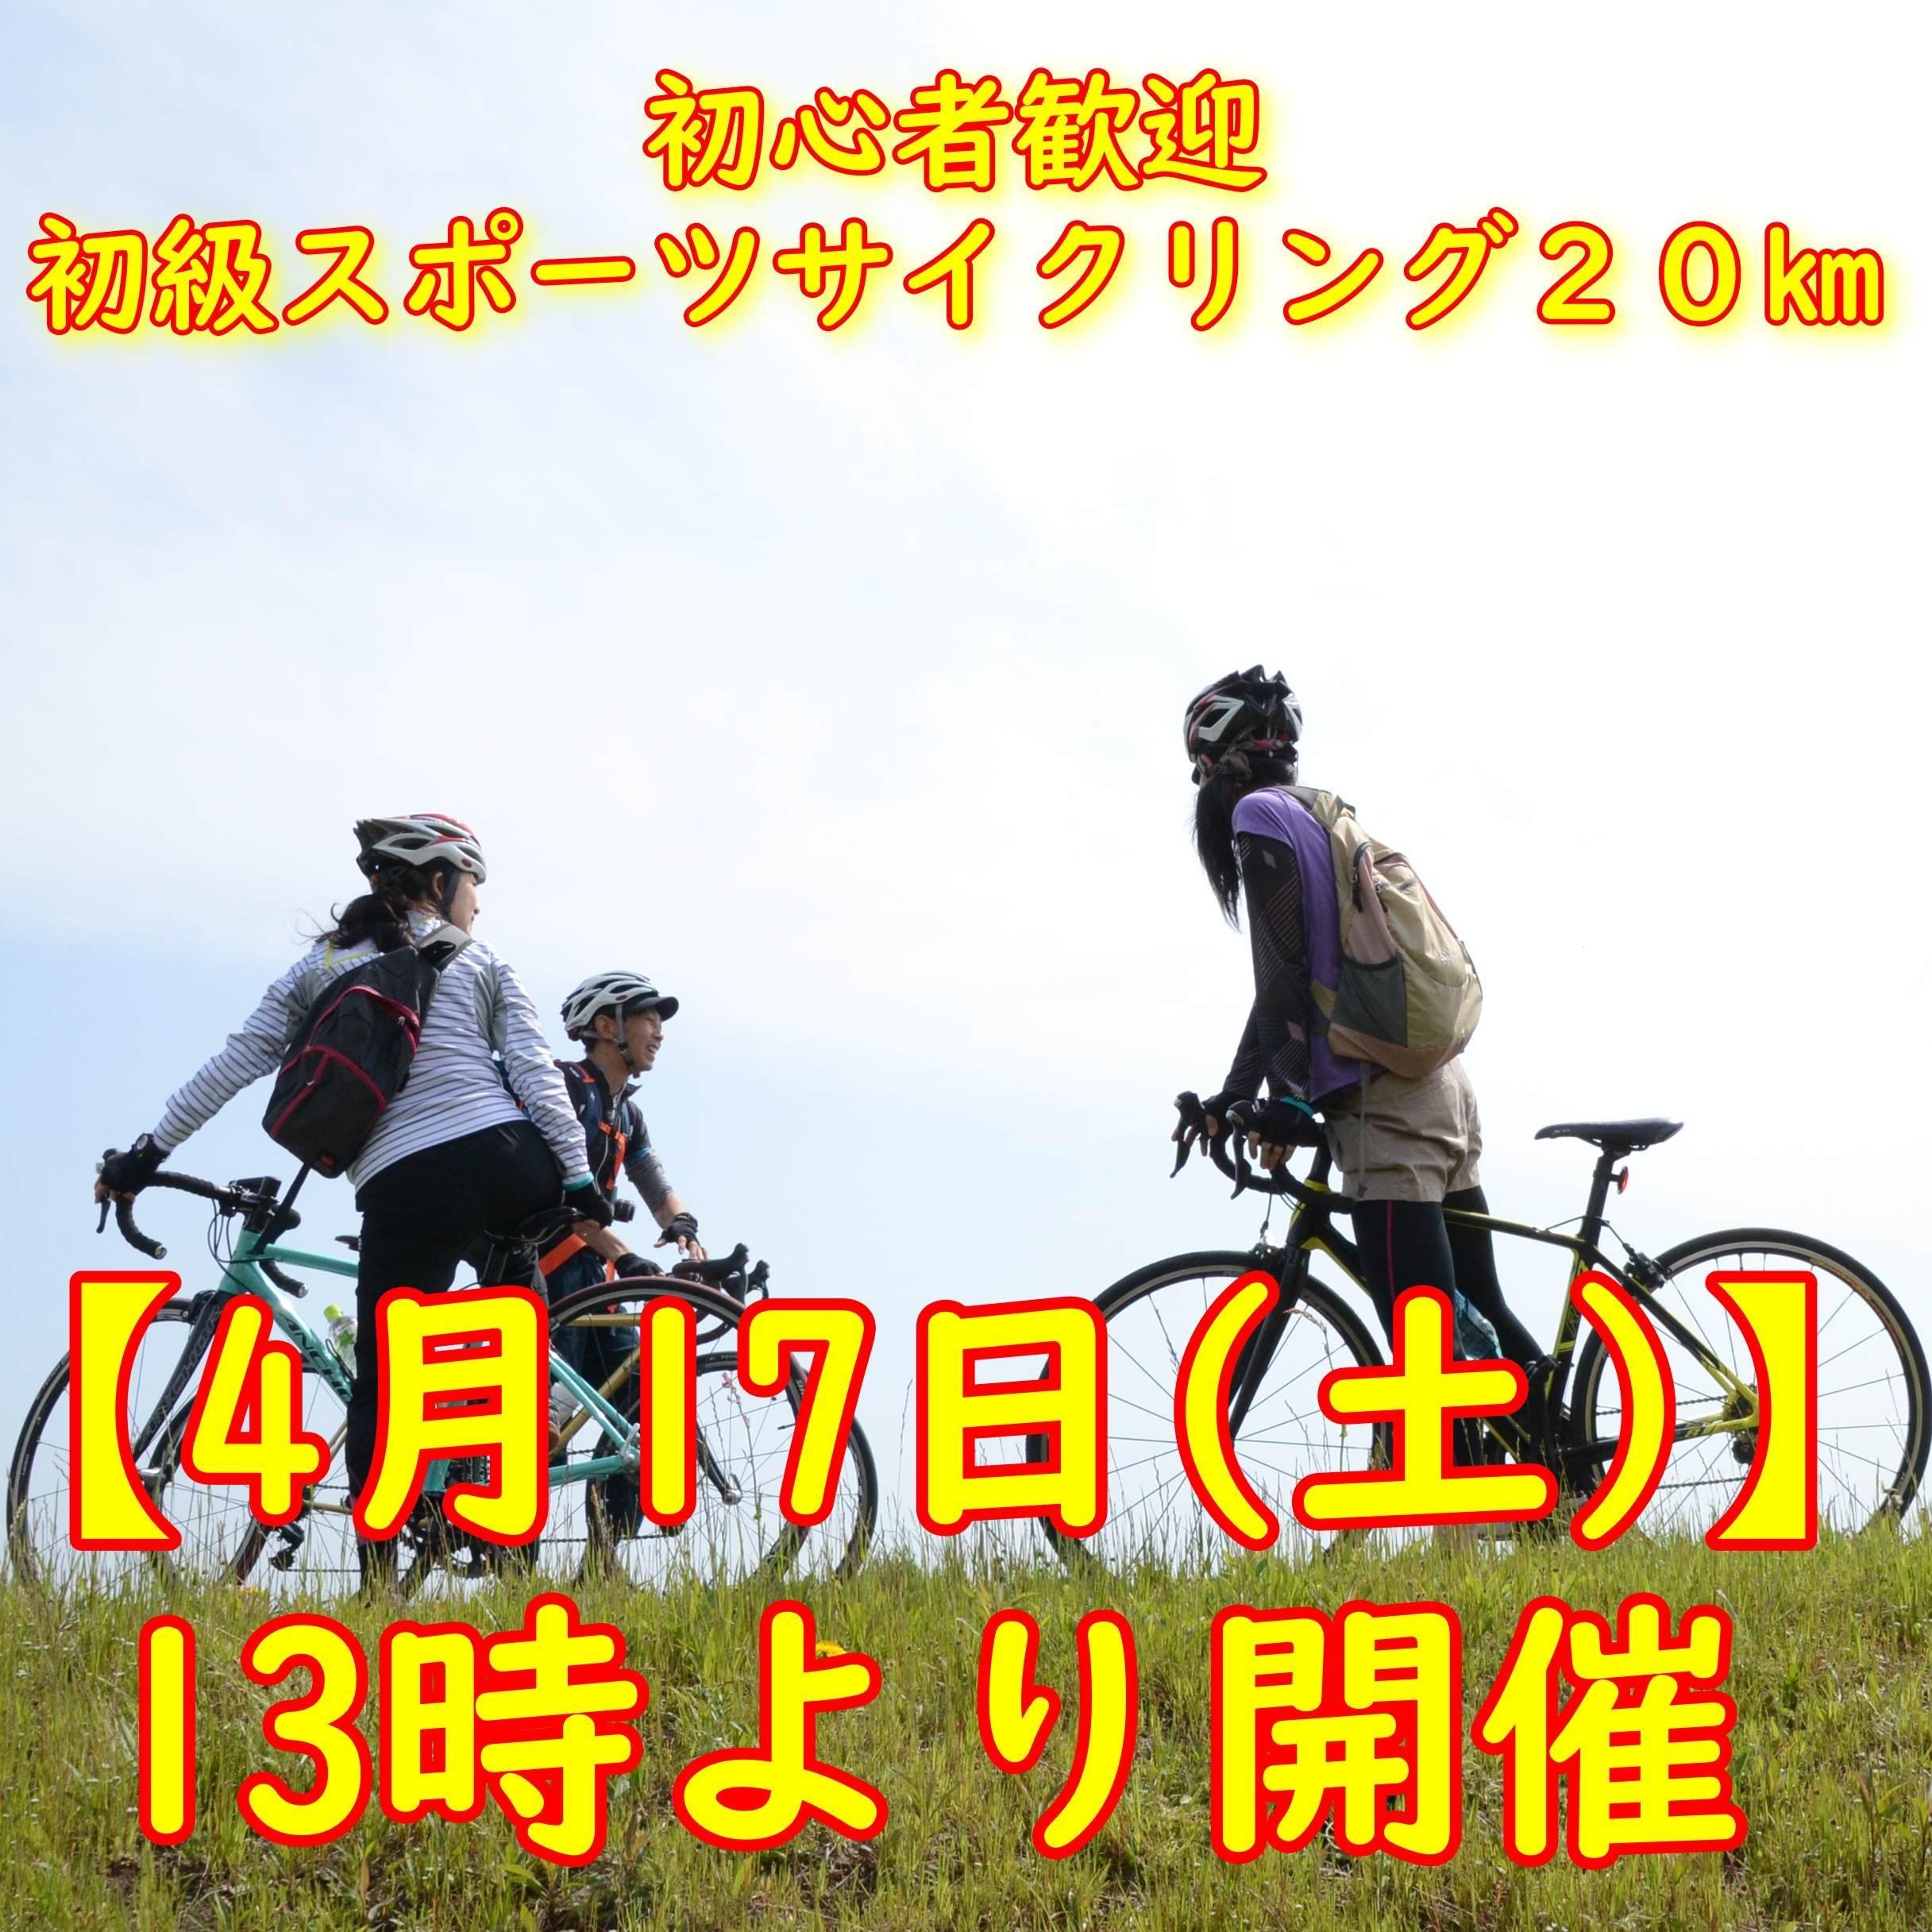 【4月17日 土曜】初級!スポーツサイクリング20㎞参加費 午後1時から のイメージその1